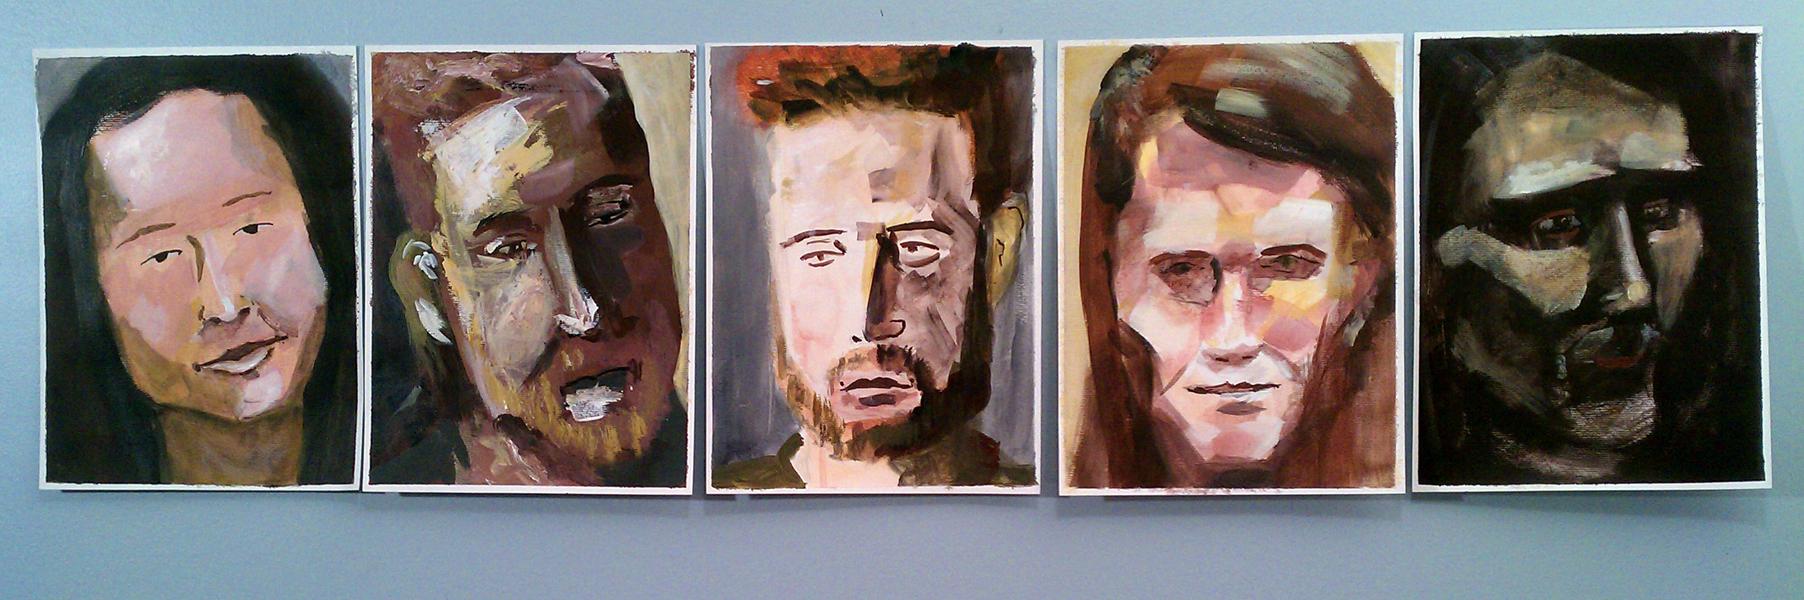 3portraits3WEB